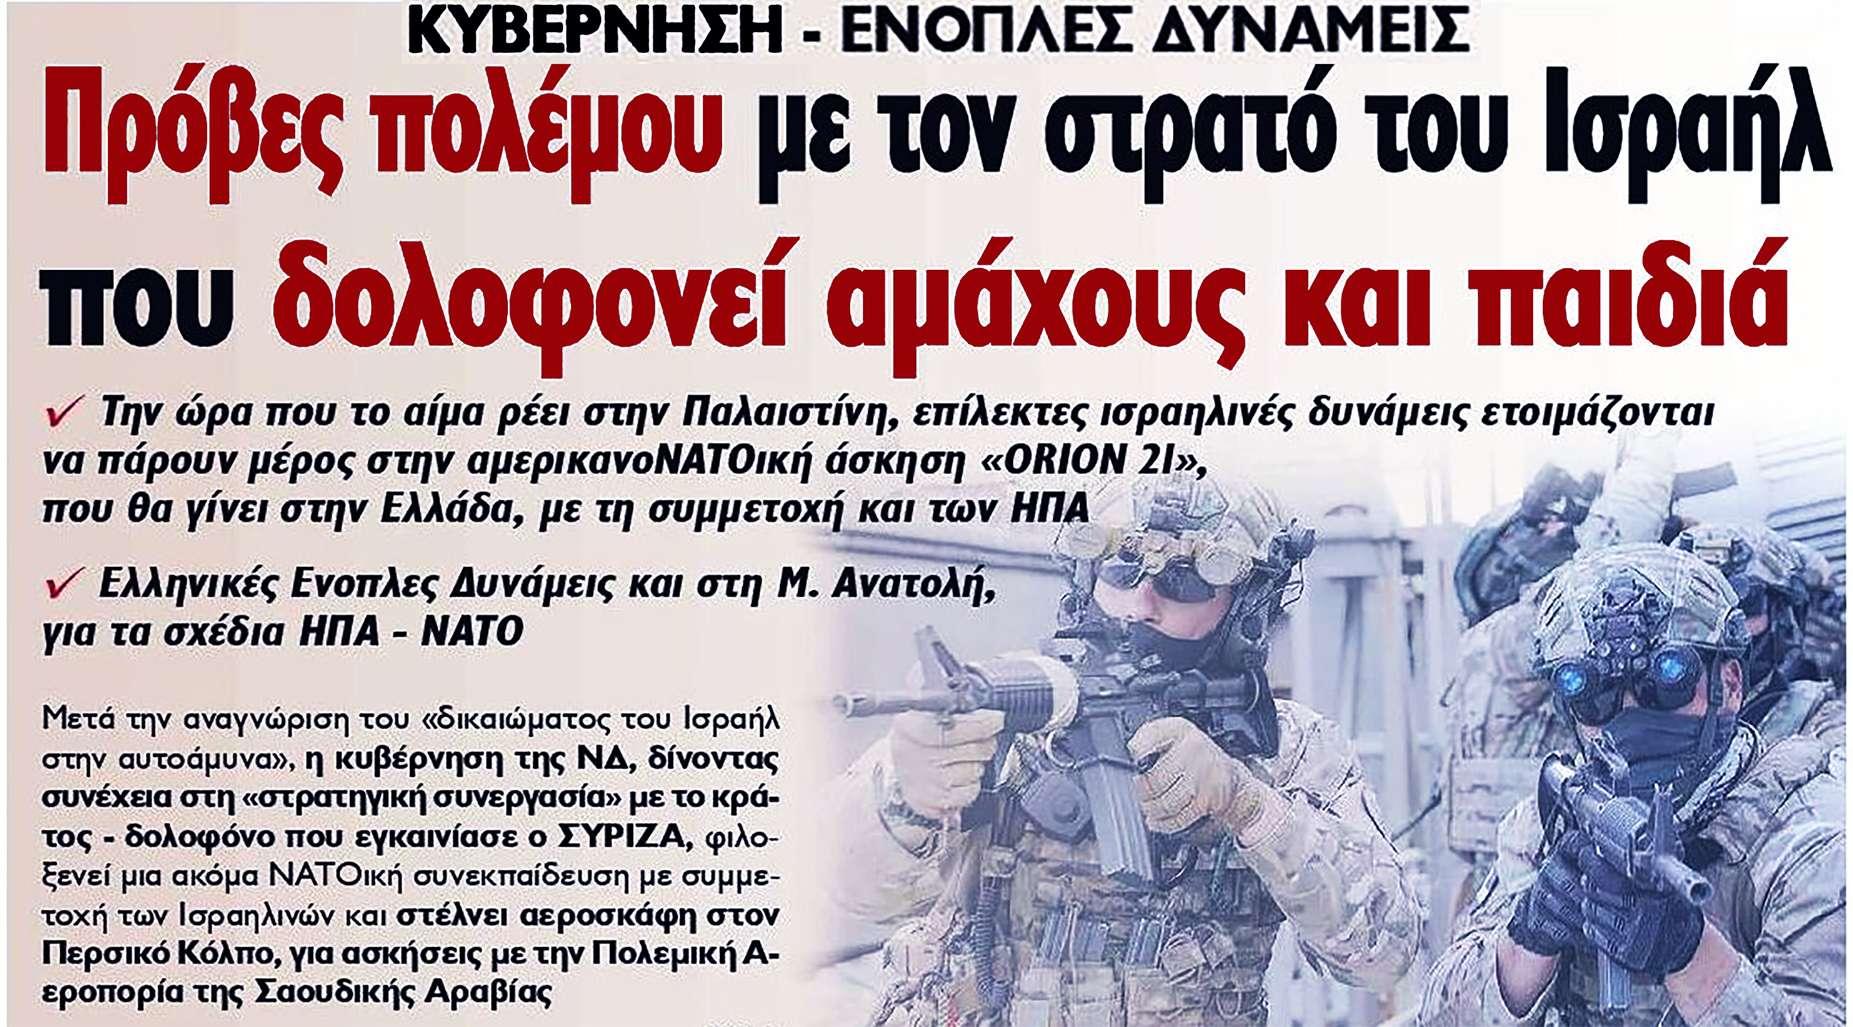 Ελληνικές Ένοπλες Δυνάμεις στη Μ. Ανατολή για τα σχέδια ΗΠΑ ΝΑΤΟ